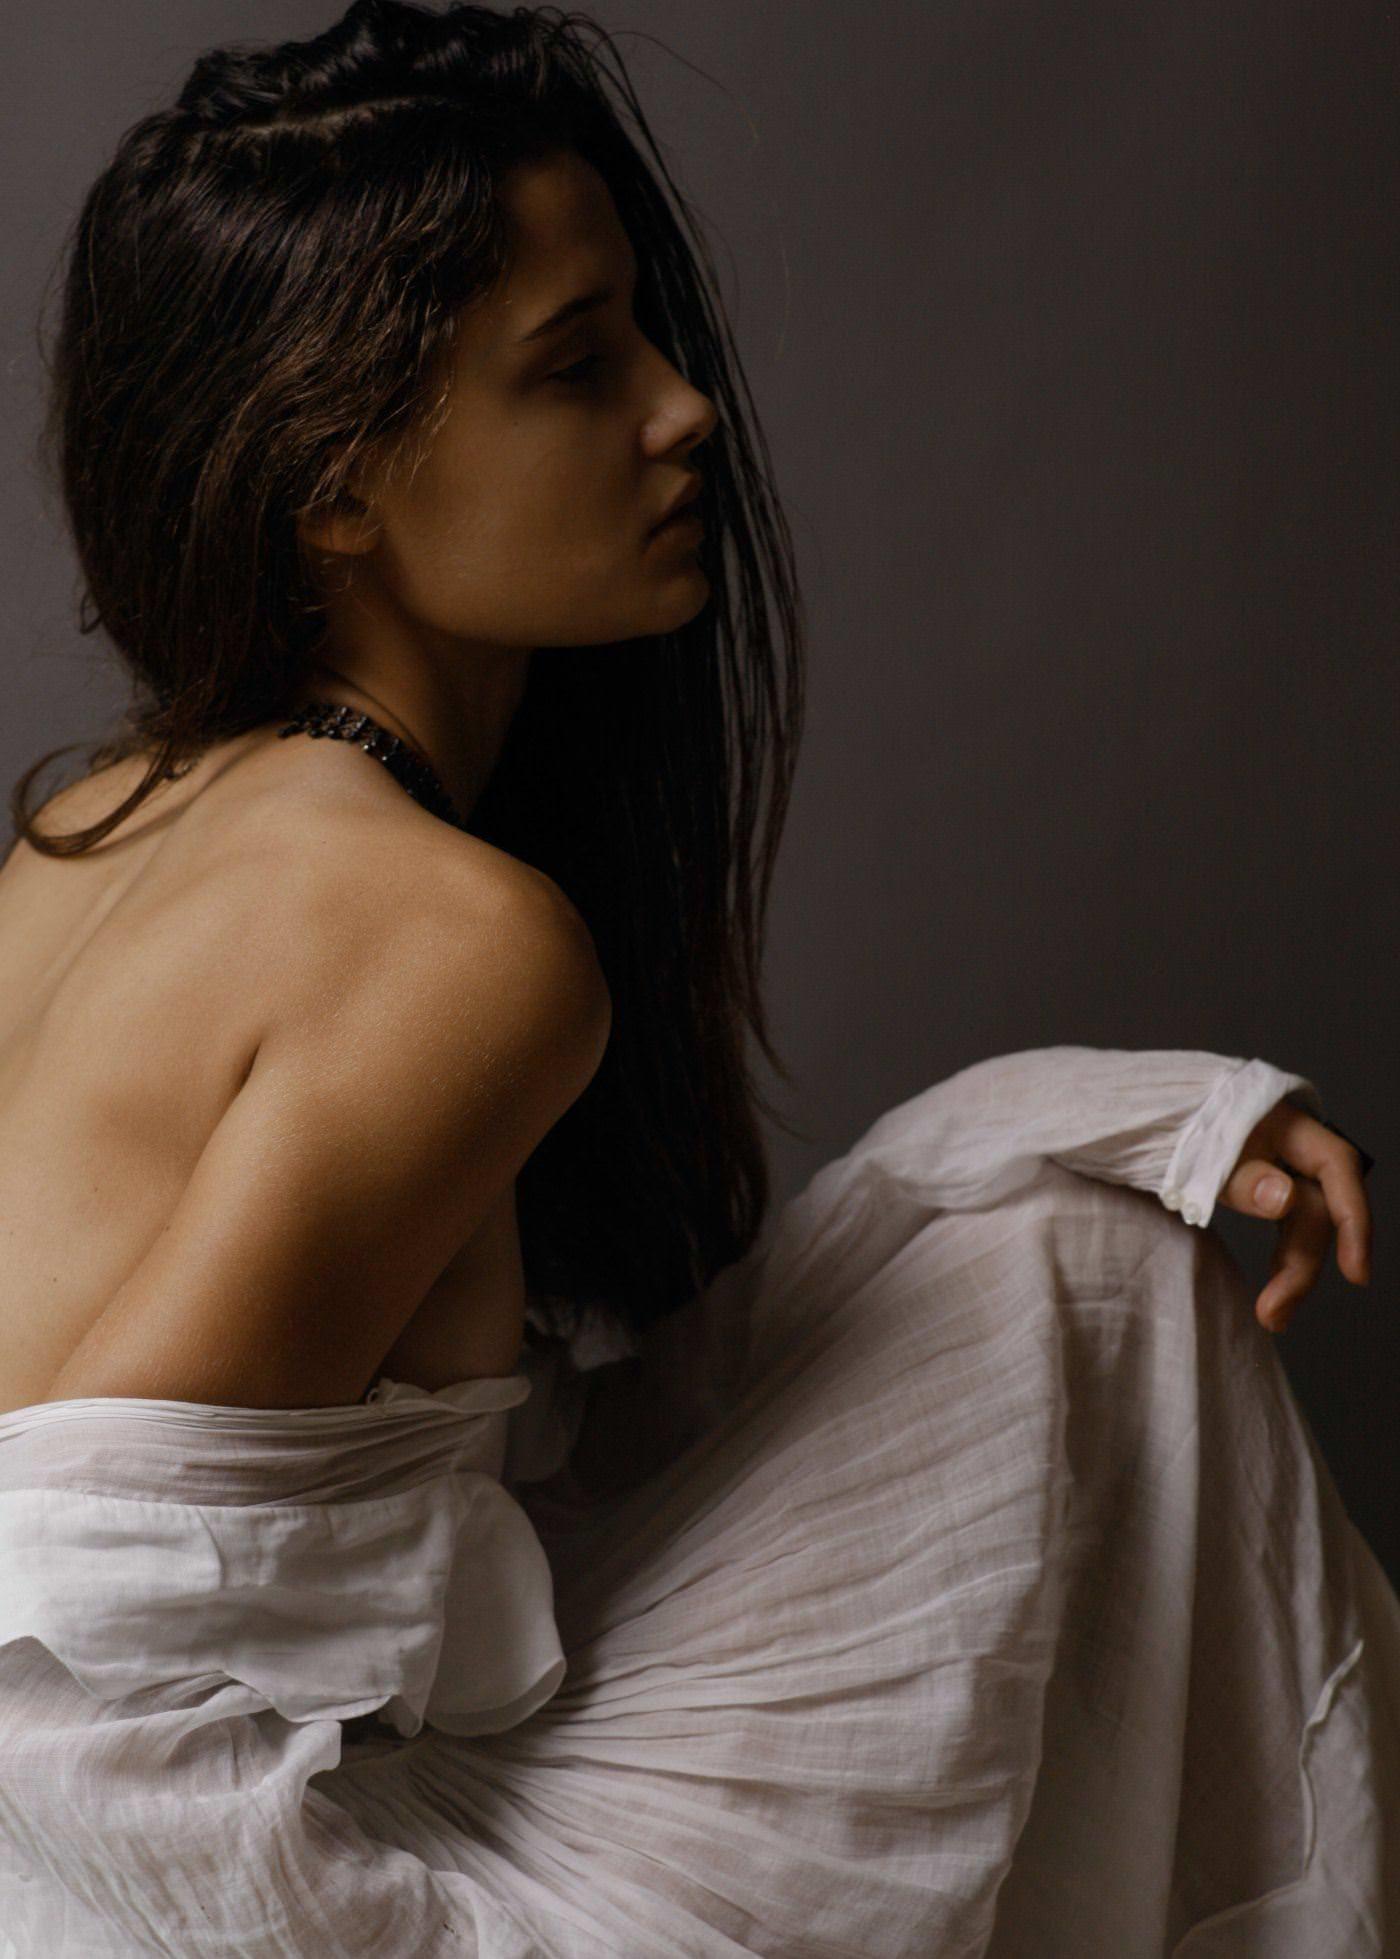 【外人】リサ・ソトニコブ(Lisa Sotnikov)が醸し出す妖艶なセミヌードポルノ画像 20121